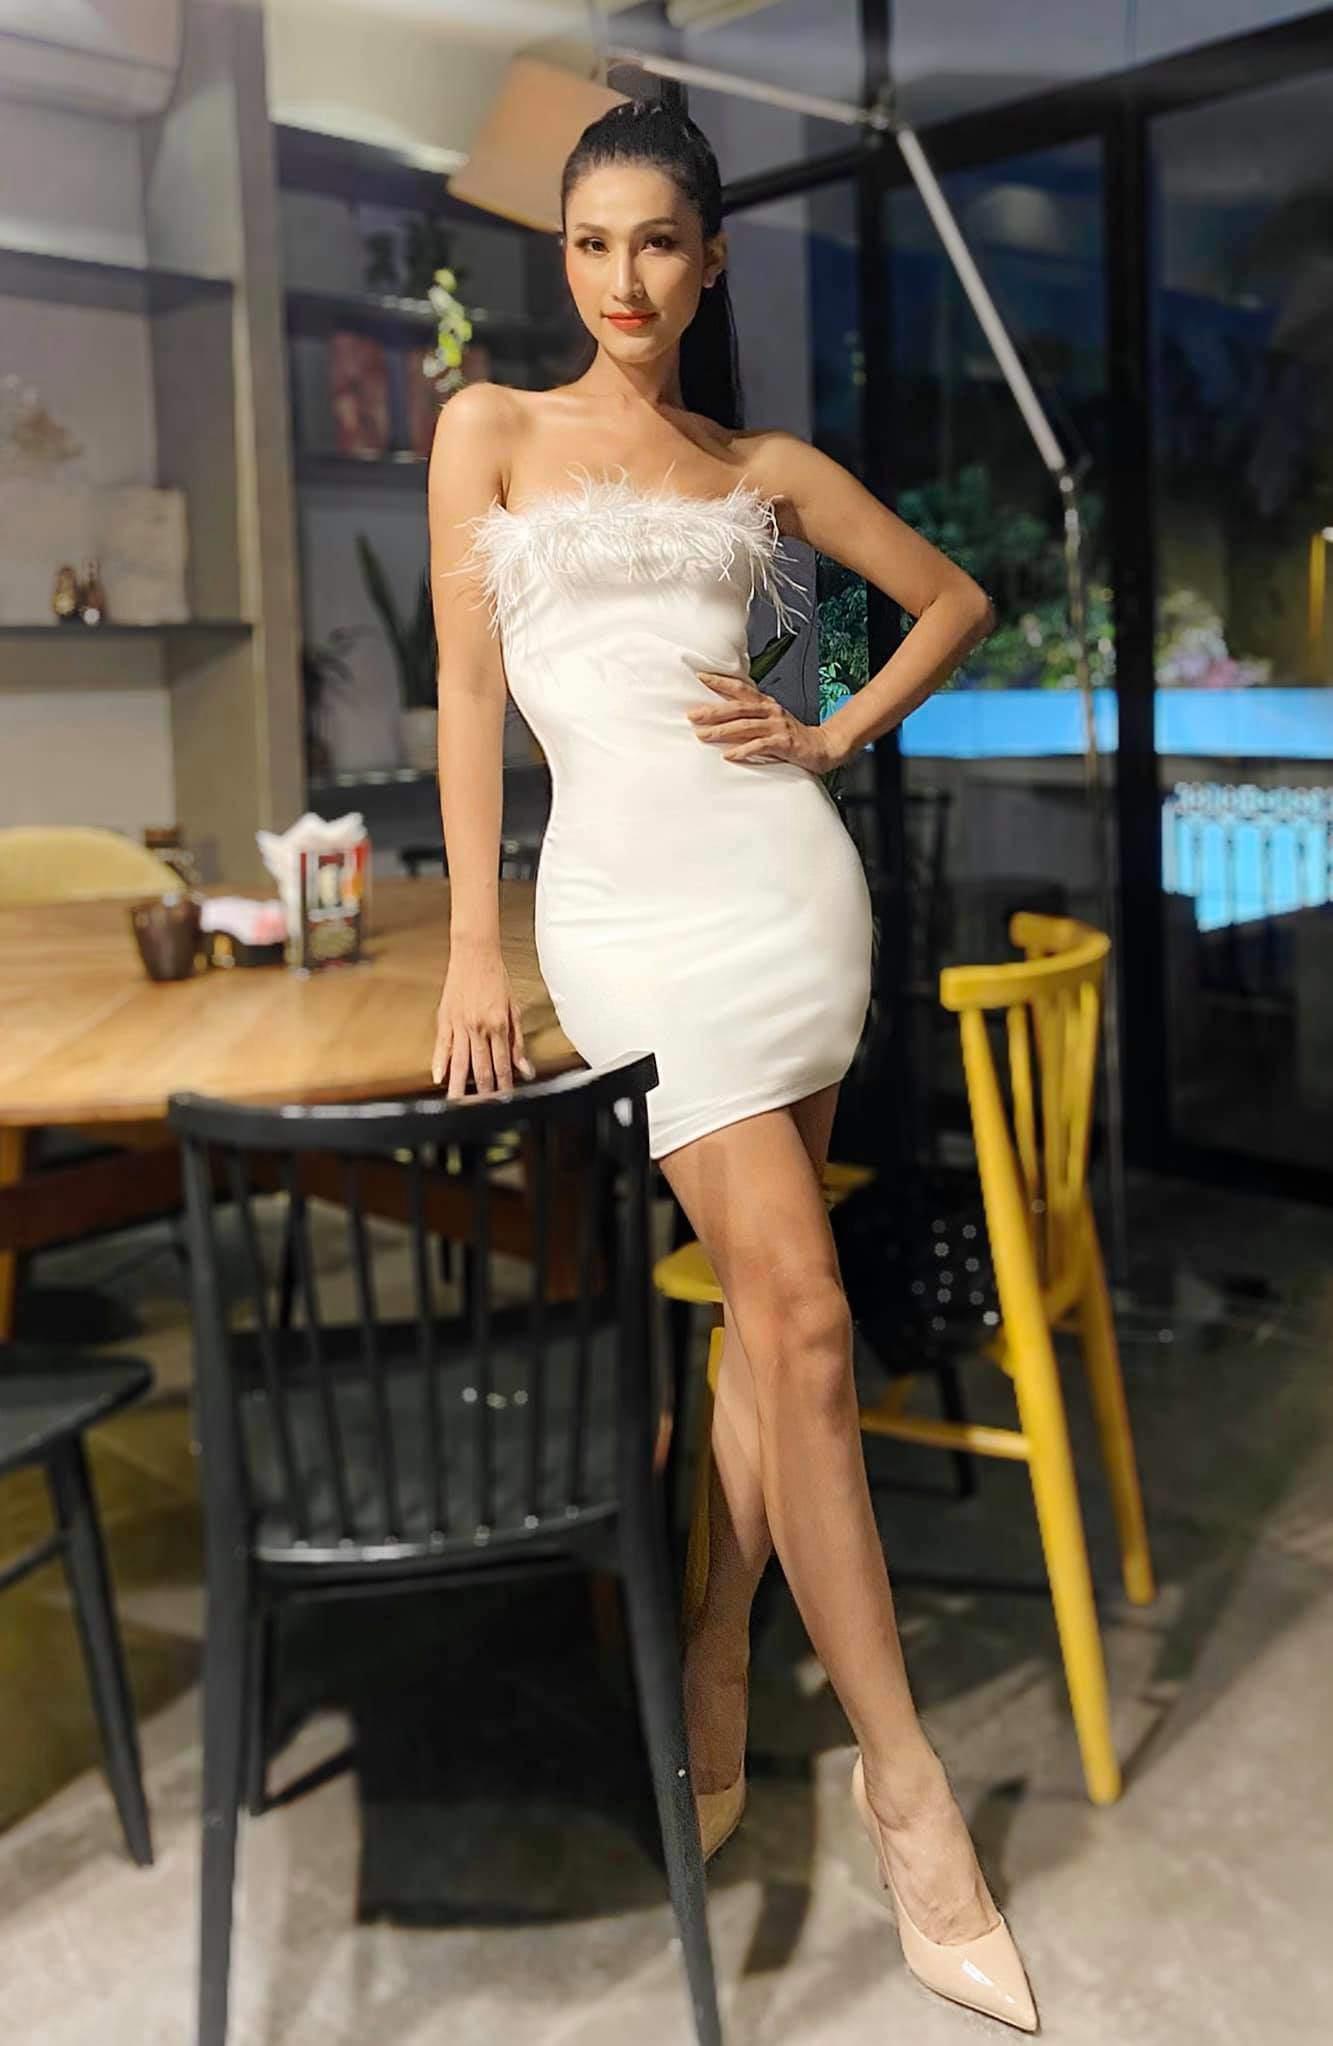 Từng bị chỉ trích vì mặc váy khoe cặp tuyết lê phản cảm, Hoa hậu 9X giờ hở tinh tế - 11